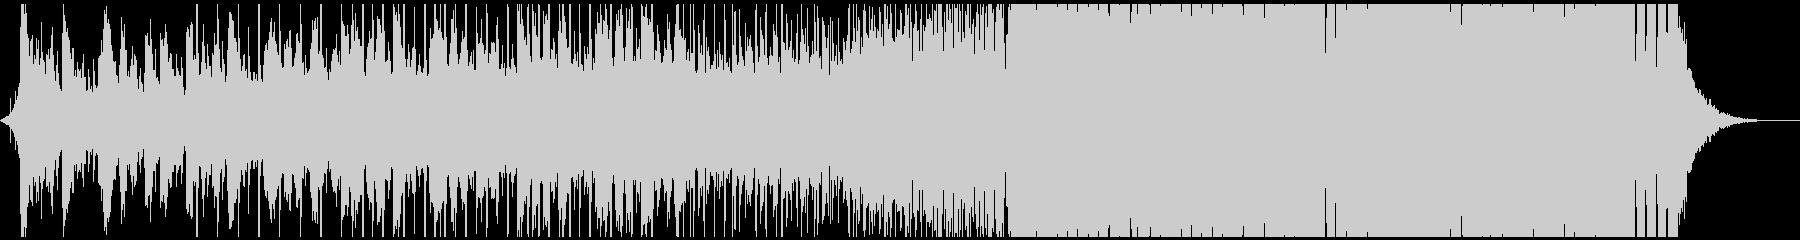 爽やかなEDM/プログレッシブハウスの未再生の波形